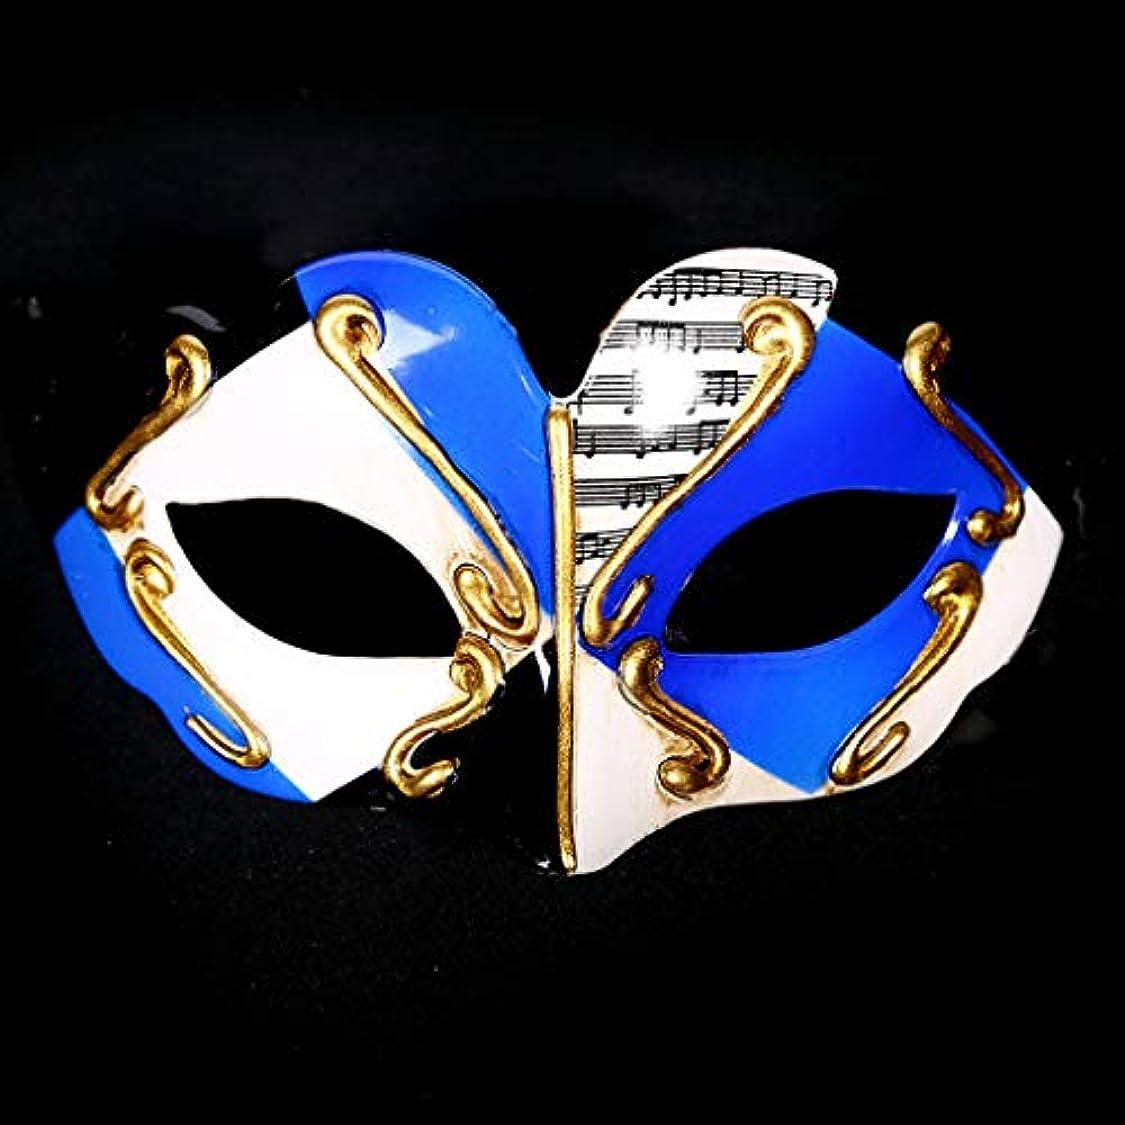 キャスト差別適応ハロウィンマスクヴェネツィア仮装ハーフフェイスプラスチック子供アダルトマスクコスチュームプロップ (Color : BLUE)